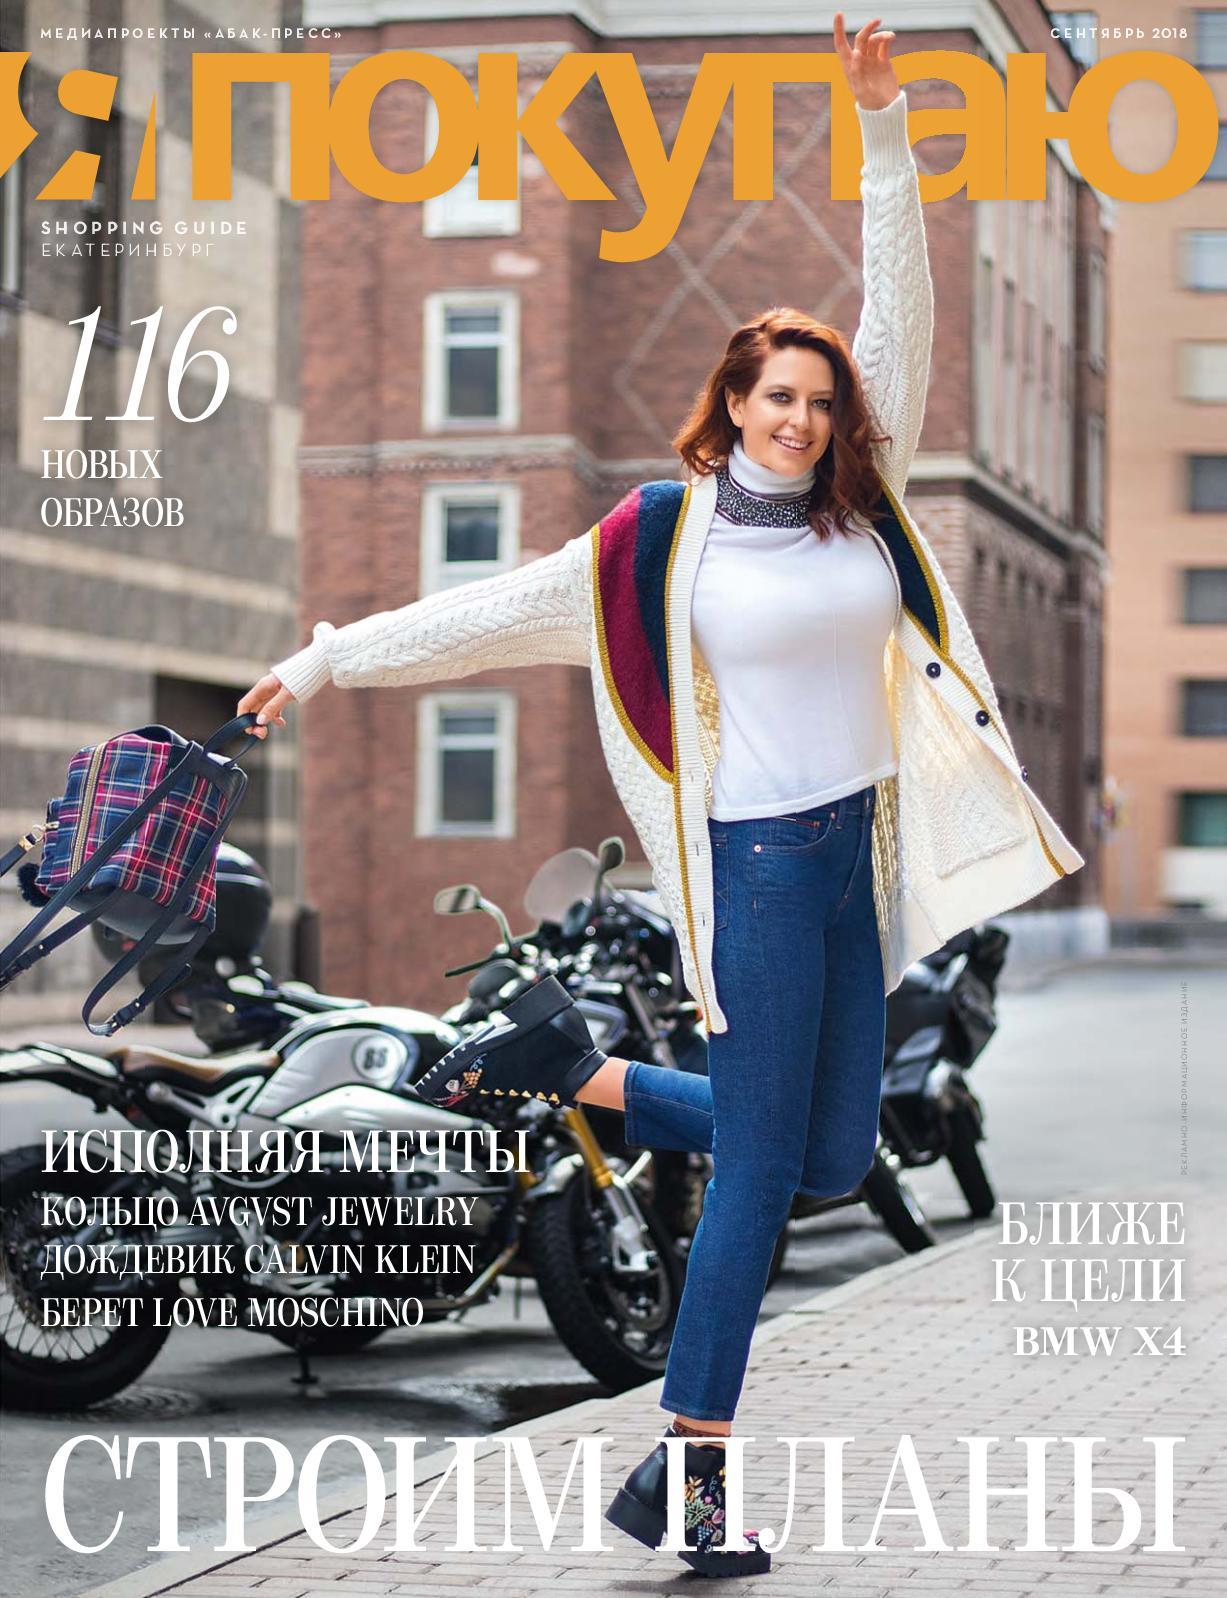 Электронная версия журнала «Я Покупаю. Екатеринбург», сентябрь — 2018